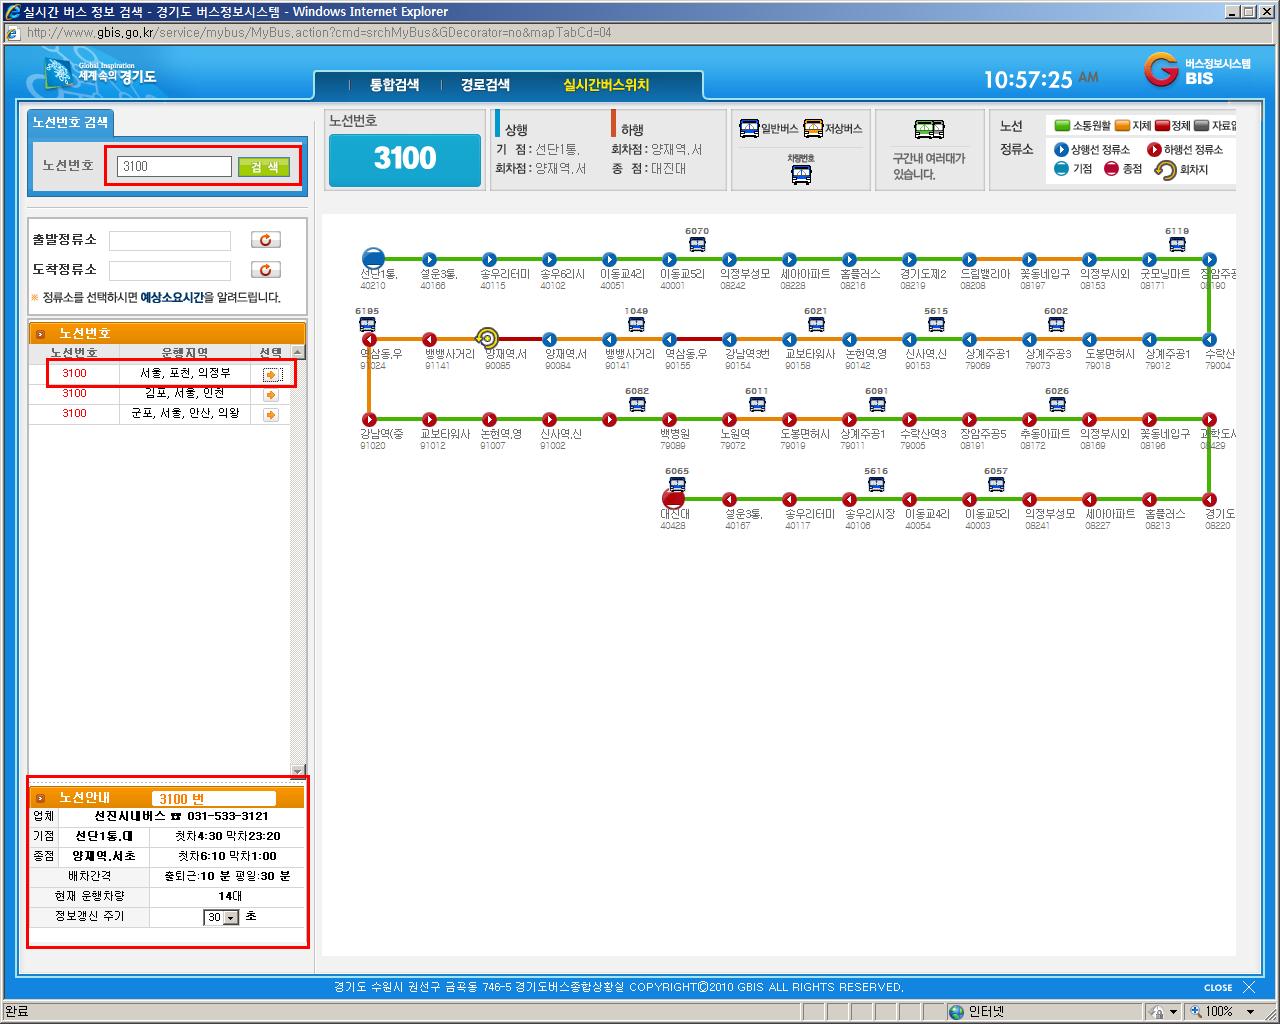 경기도 버스정보 시스템